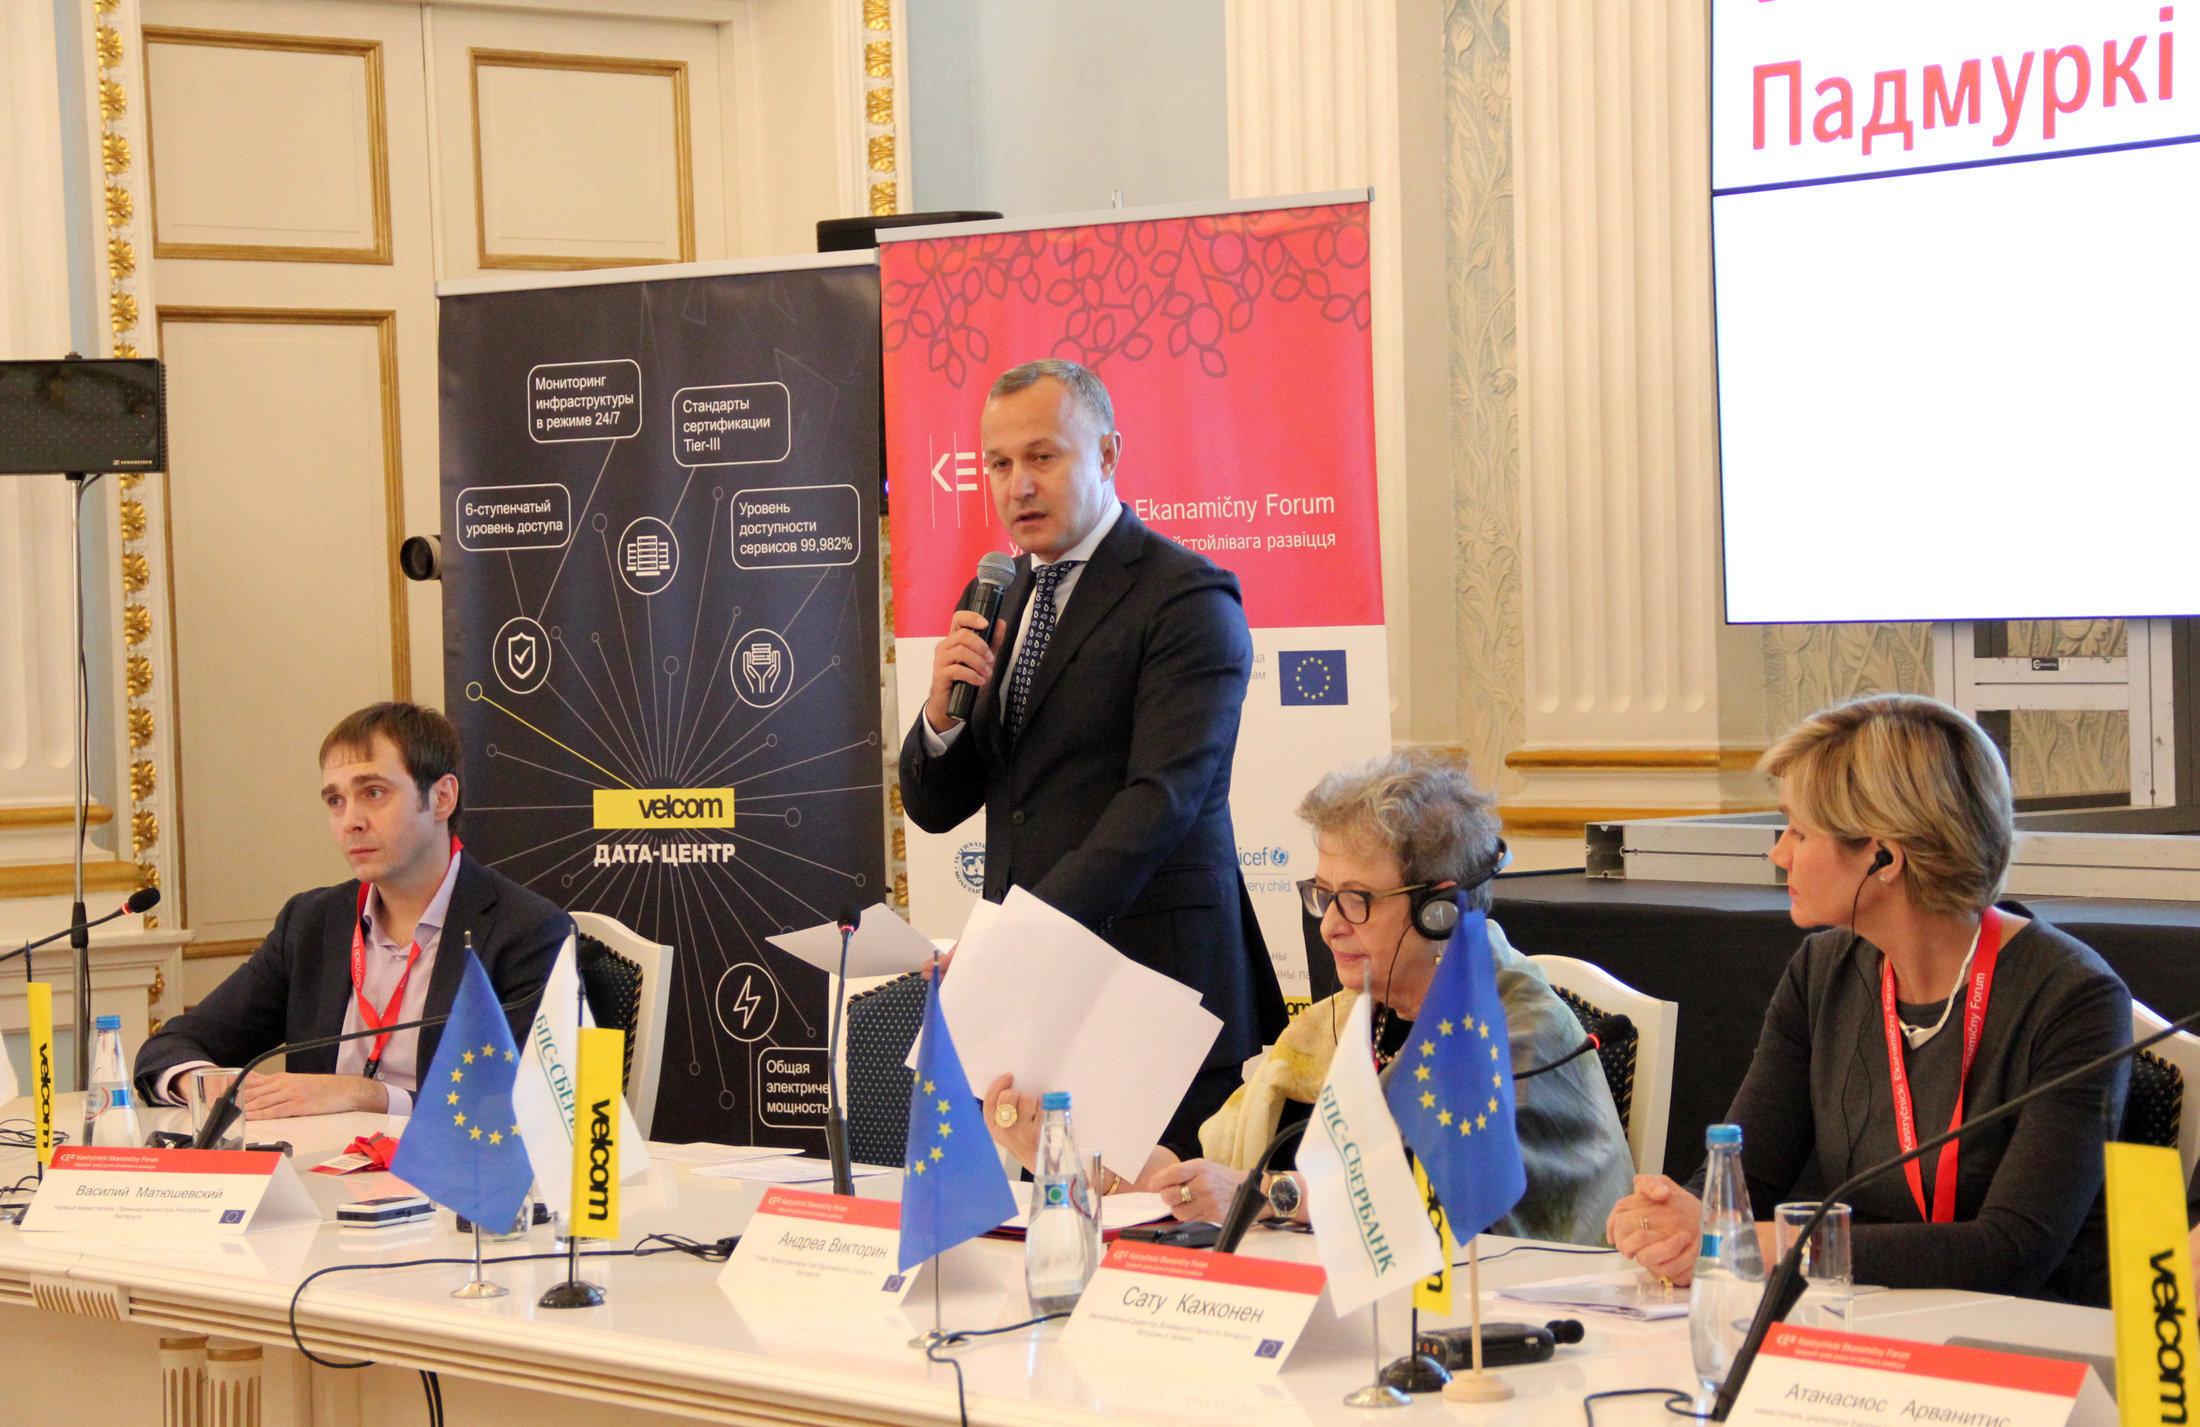 Матюшевский: 8 из 10 документов по либерализации бизнеса уже подписаны